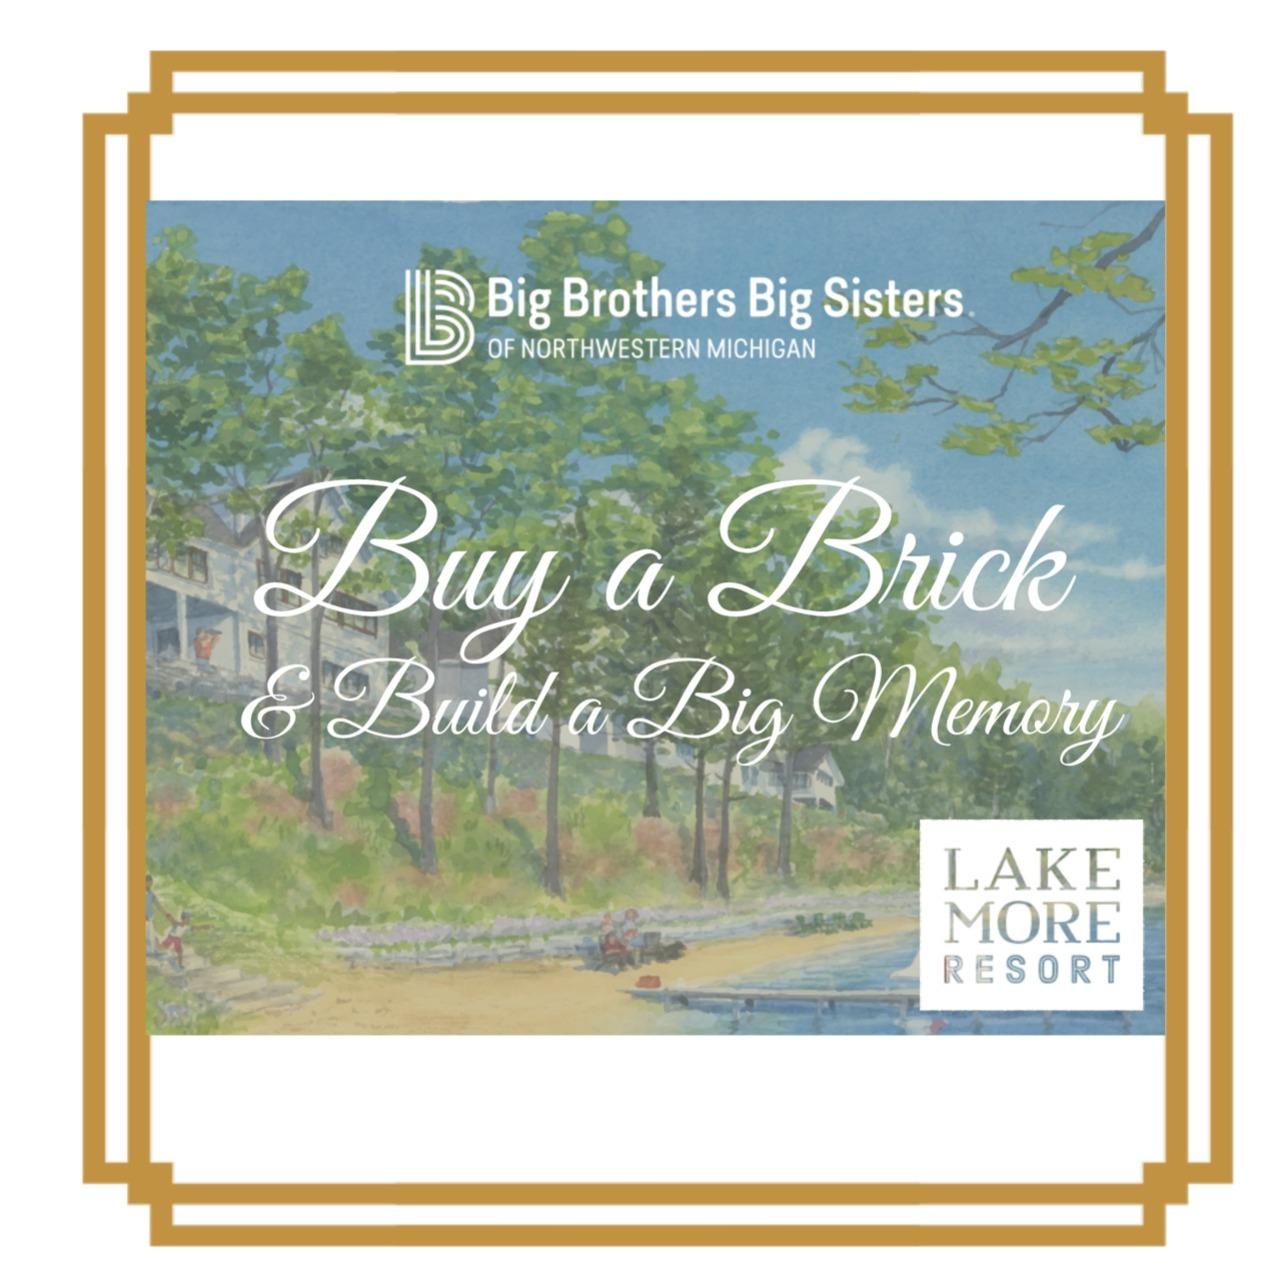 Buy a Brick and Build a Big Memory at Lakemore Resort